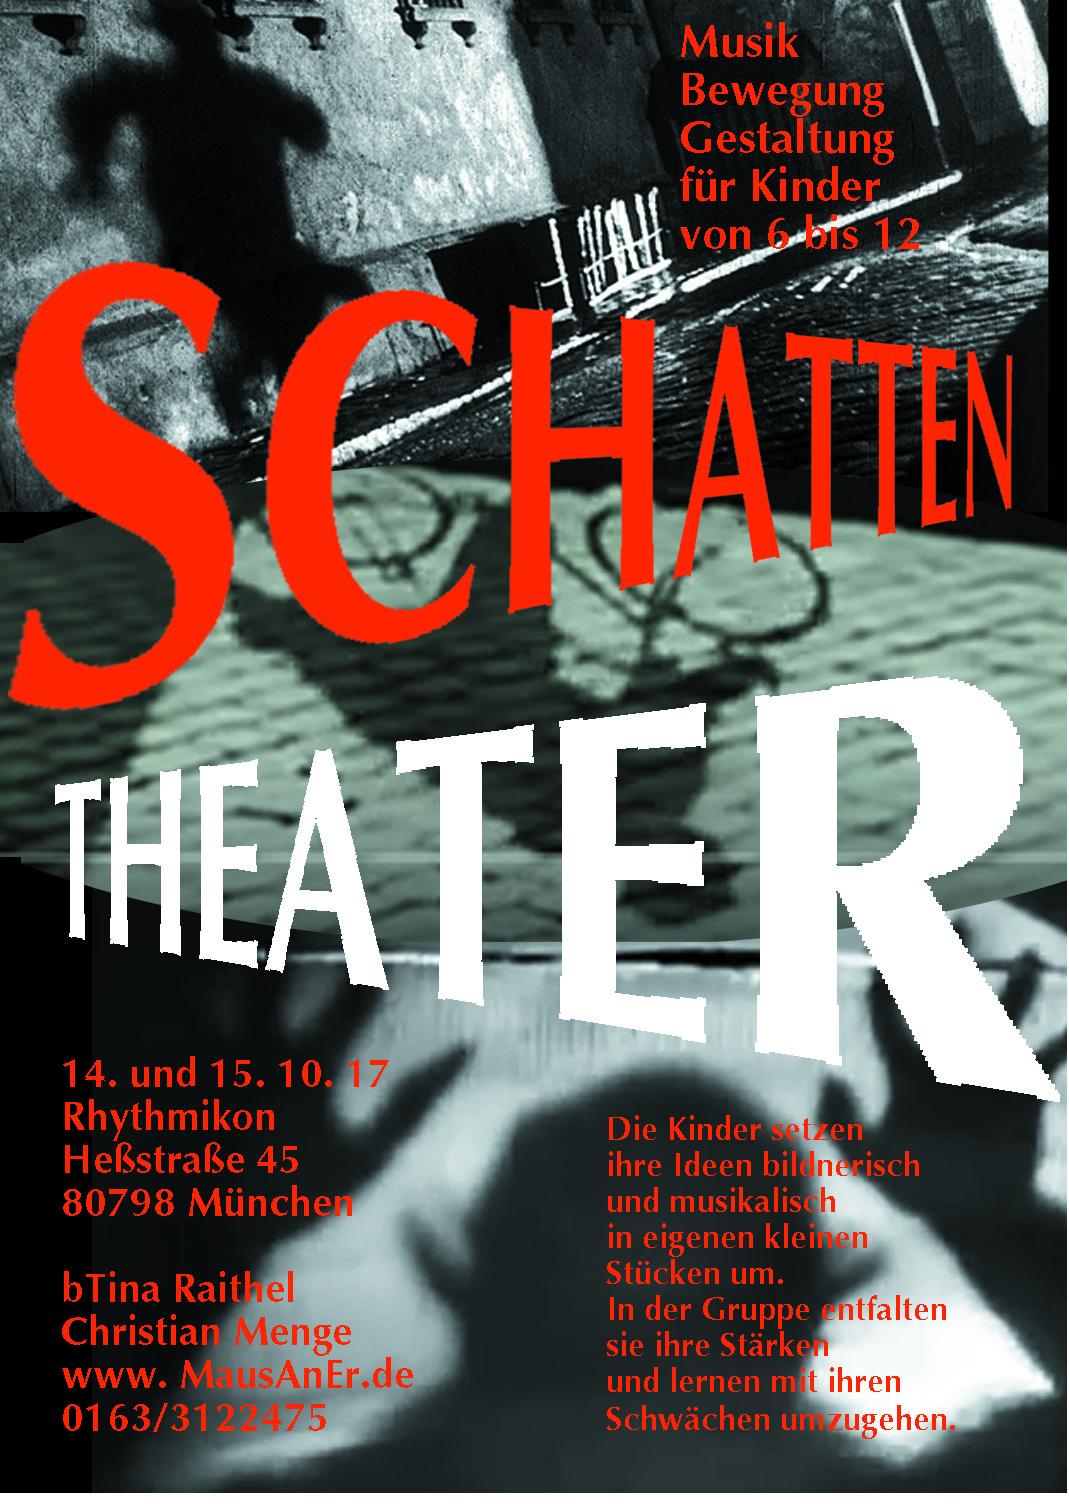 schattentheater10_17.jpg